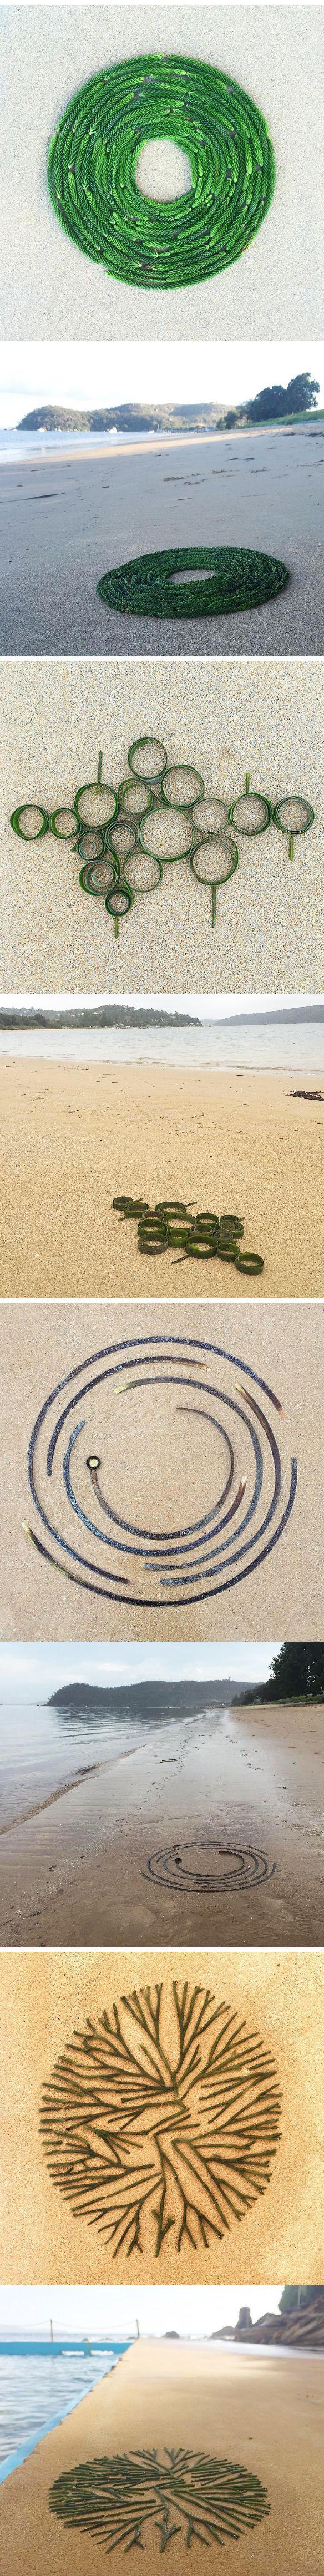 leonie barton (beach debris turned into art. daily project) More